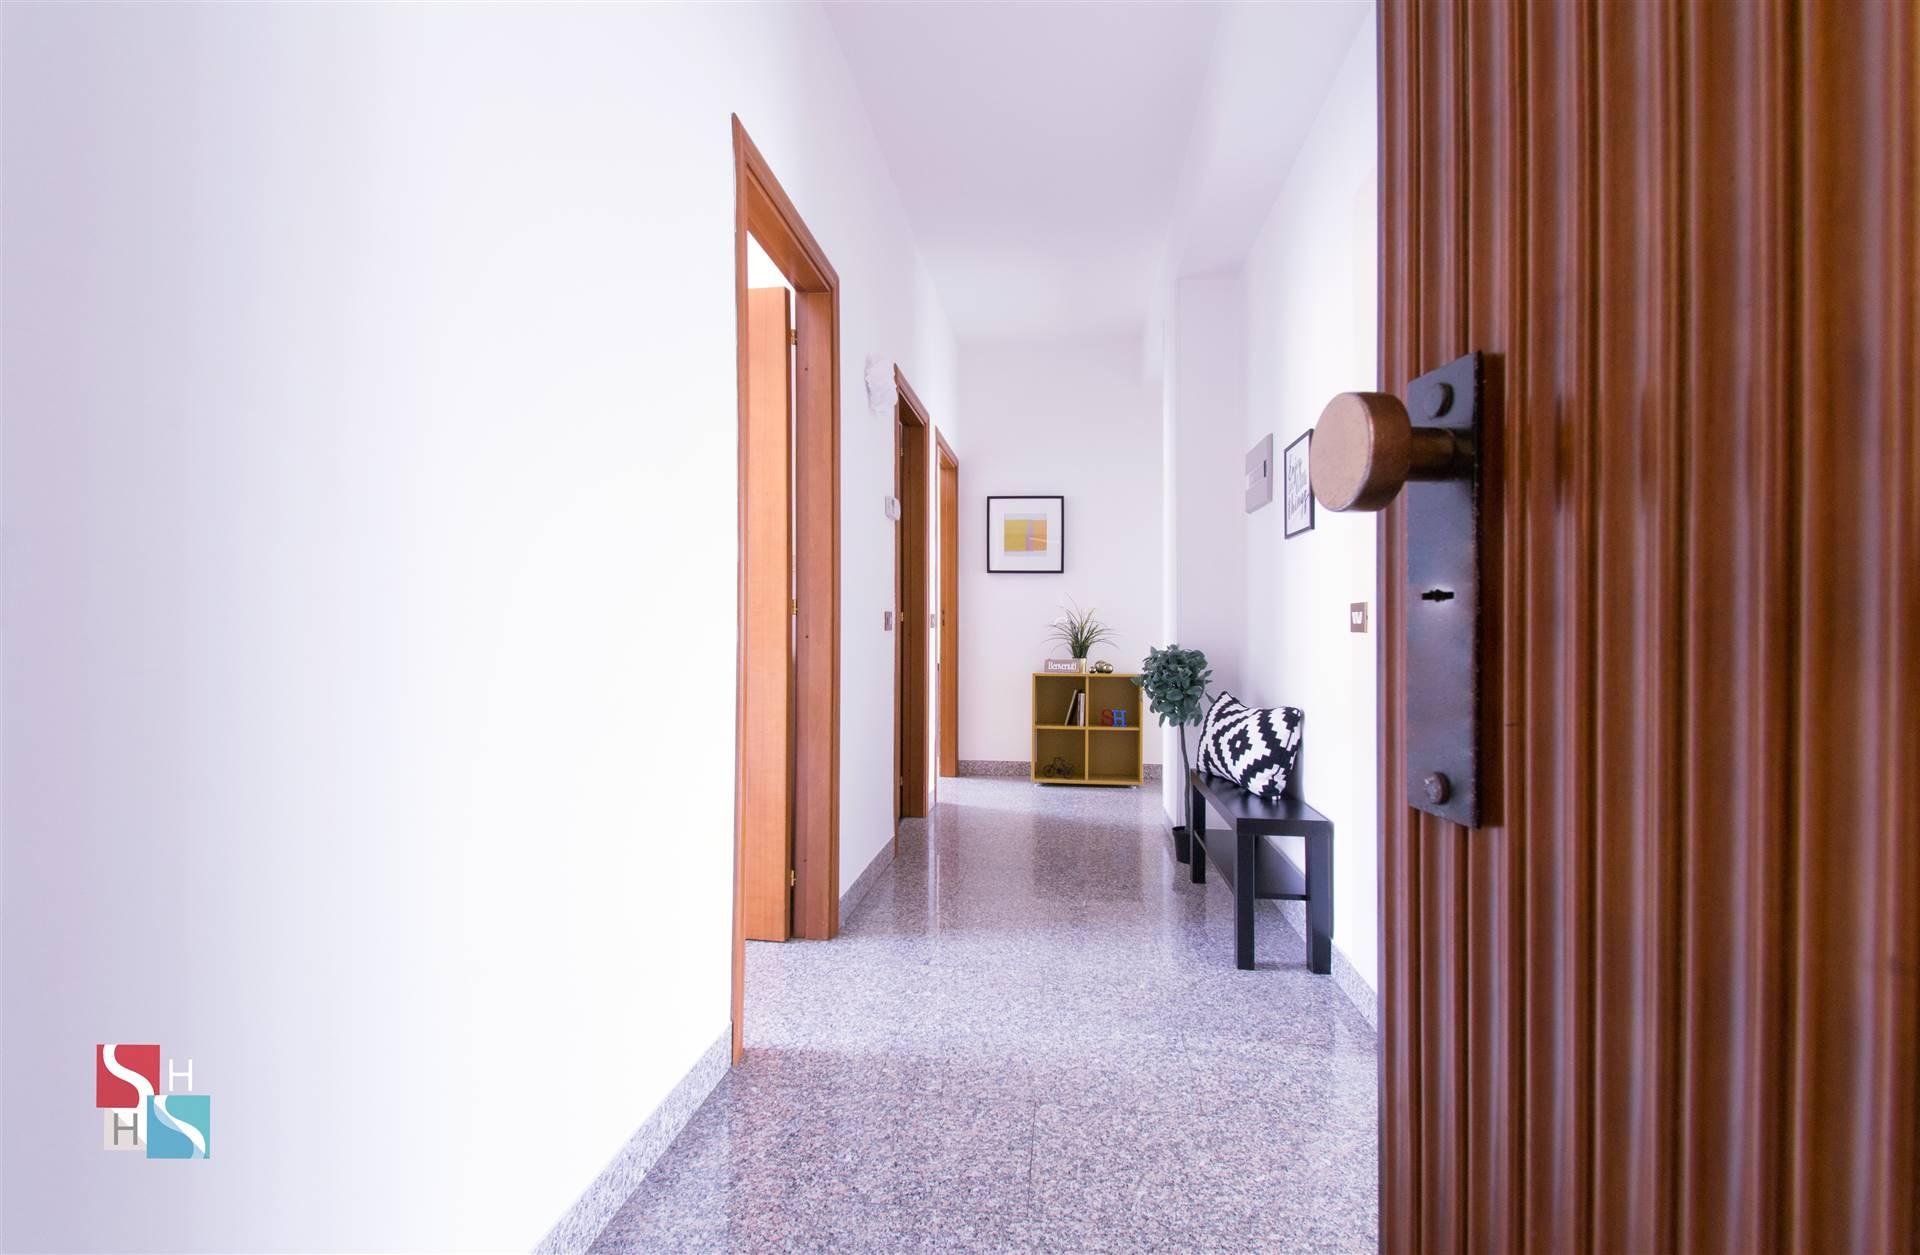 Appartamento in vendita a Potenza, 3 locali, zona Zona: Semicentro, prezzo € 135.000 | CambioCasa.it